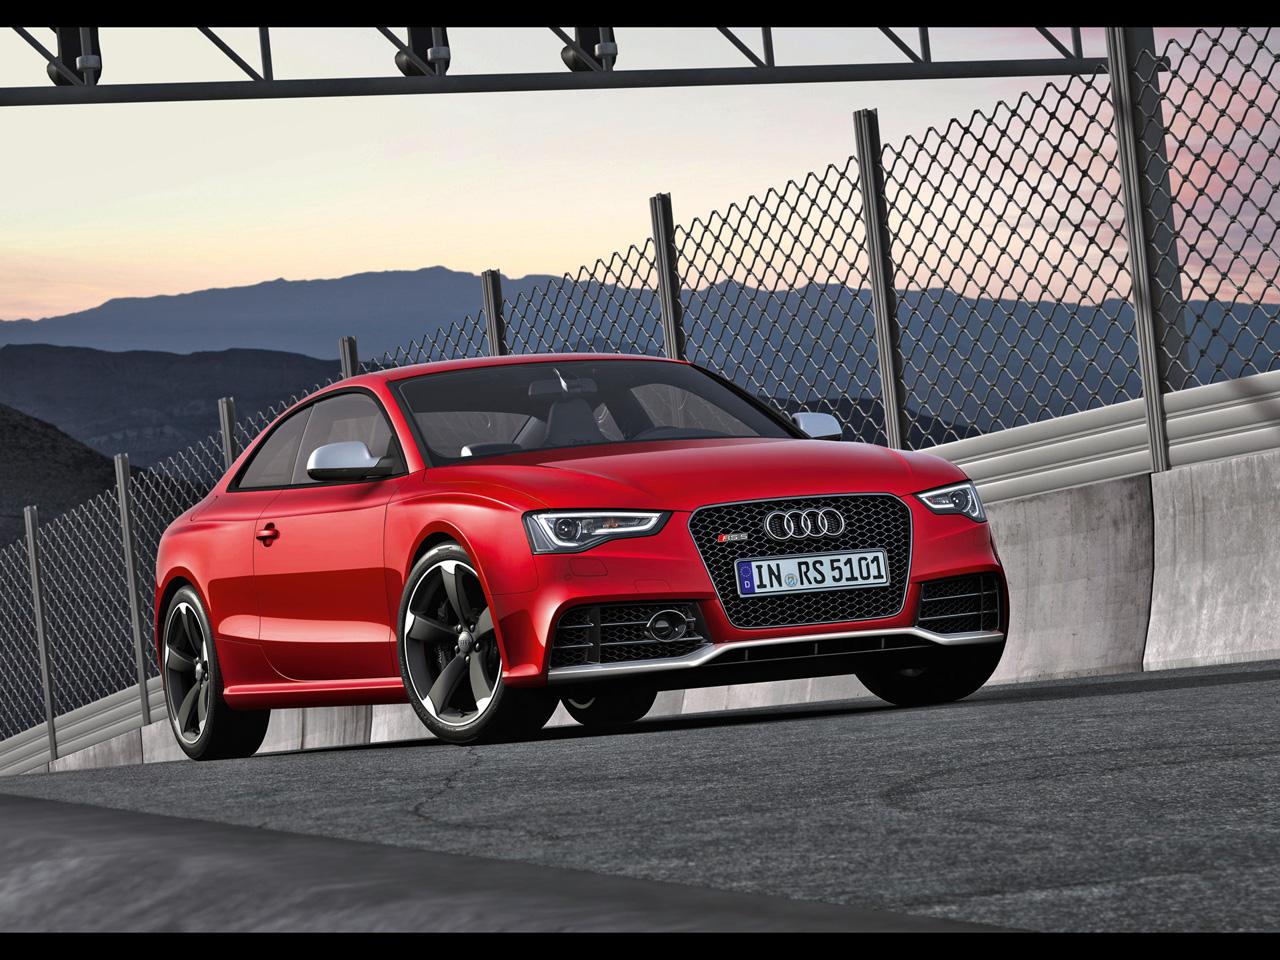 Gambar Mobil Sedan Audi Terbaru Dan Terkeren Modifikasi Mobil Sedan